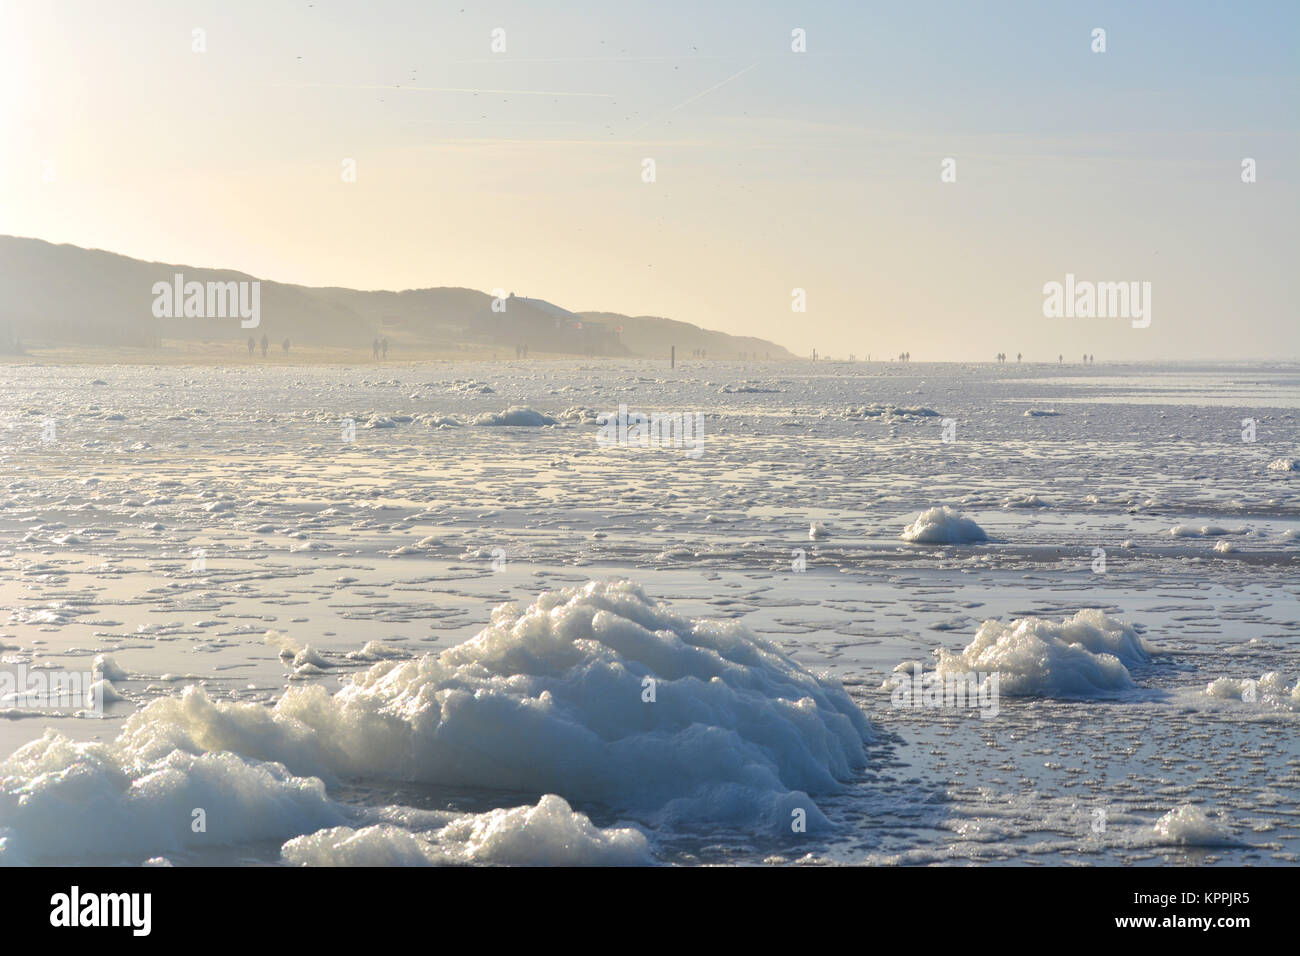 La espuma en la playa al atardecer sobre el mar del Norte, en Texel, Holanda Europa Foto de stock